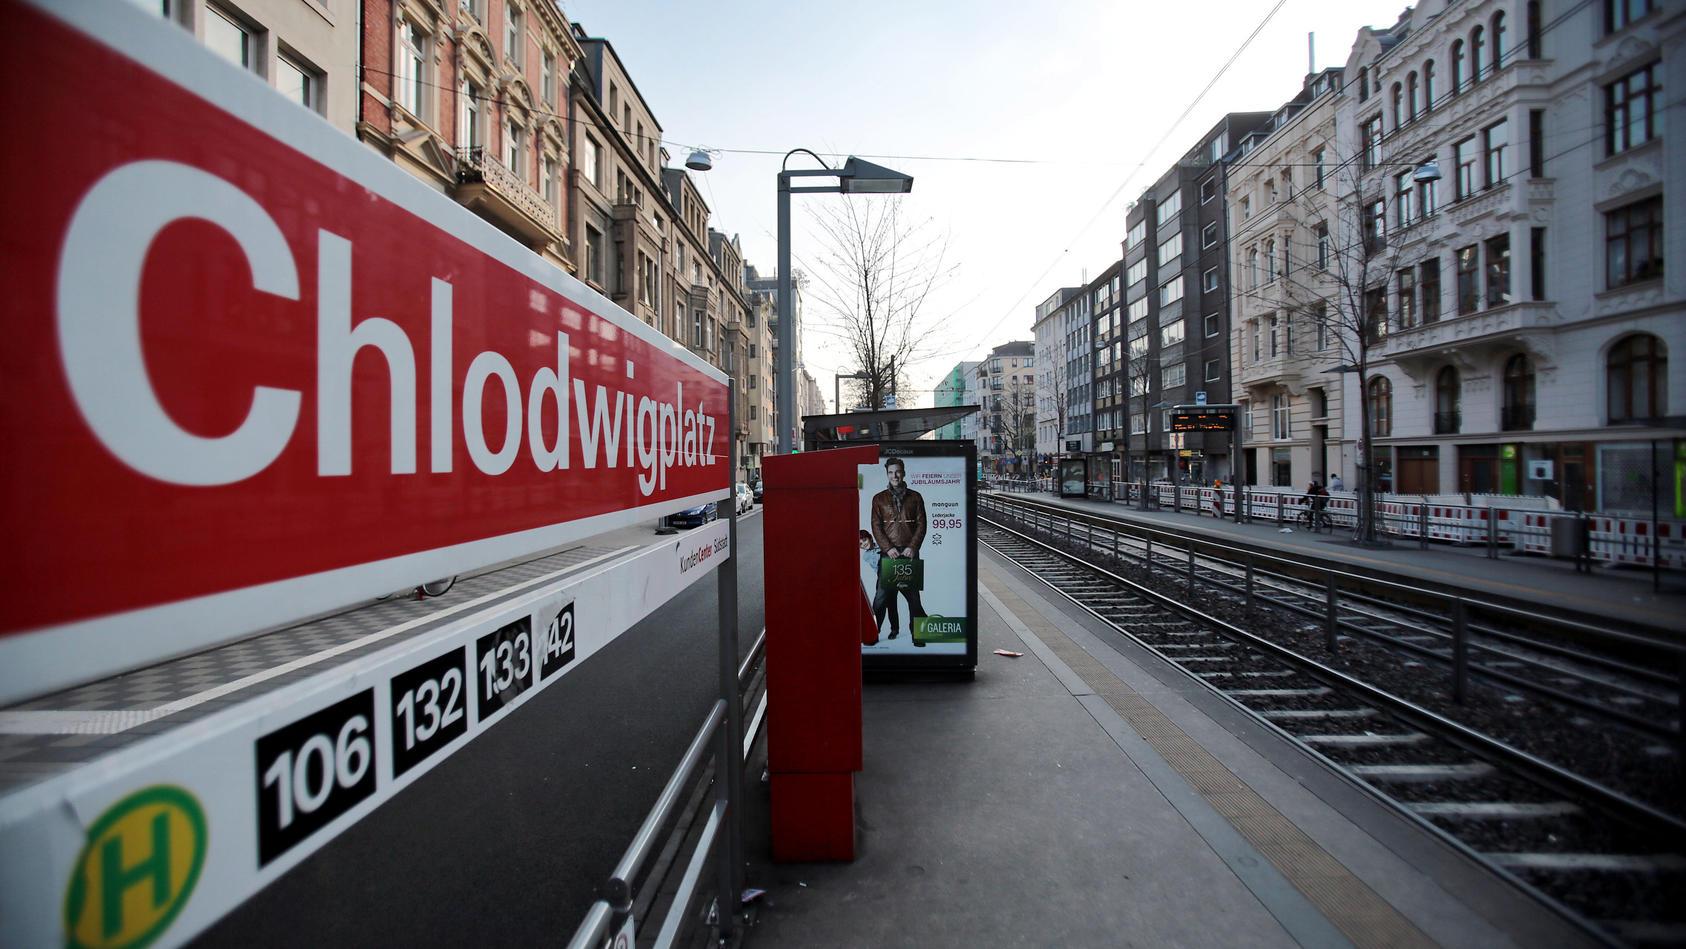 An Karneval starb der Polizist Veit R. an der Straßenbahnhaltestelle Chlodwigplatz in Köln.